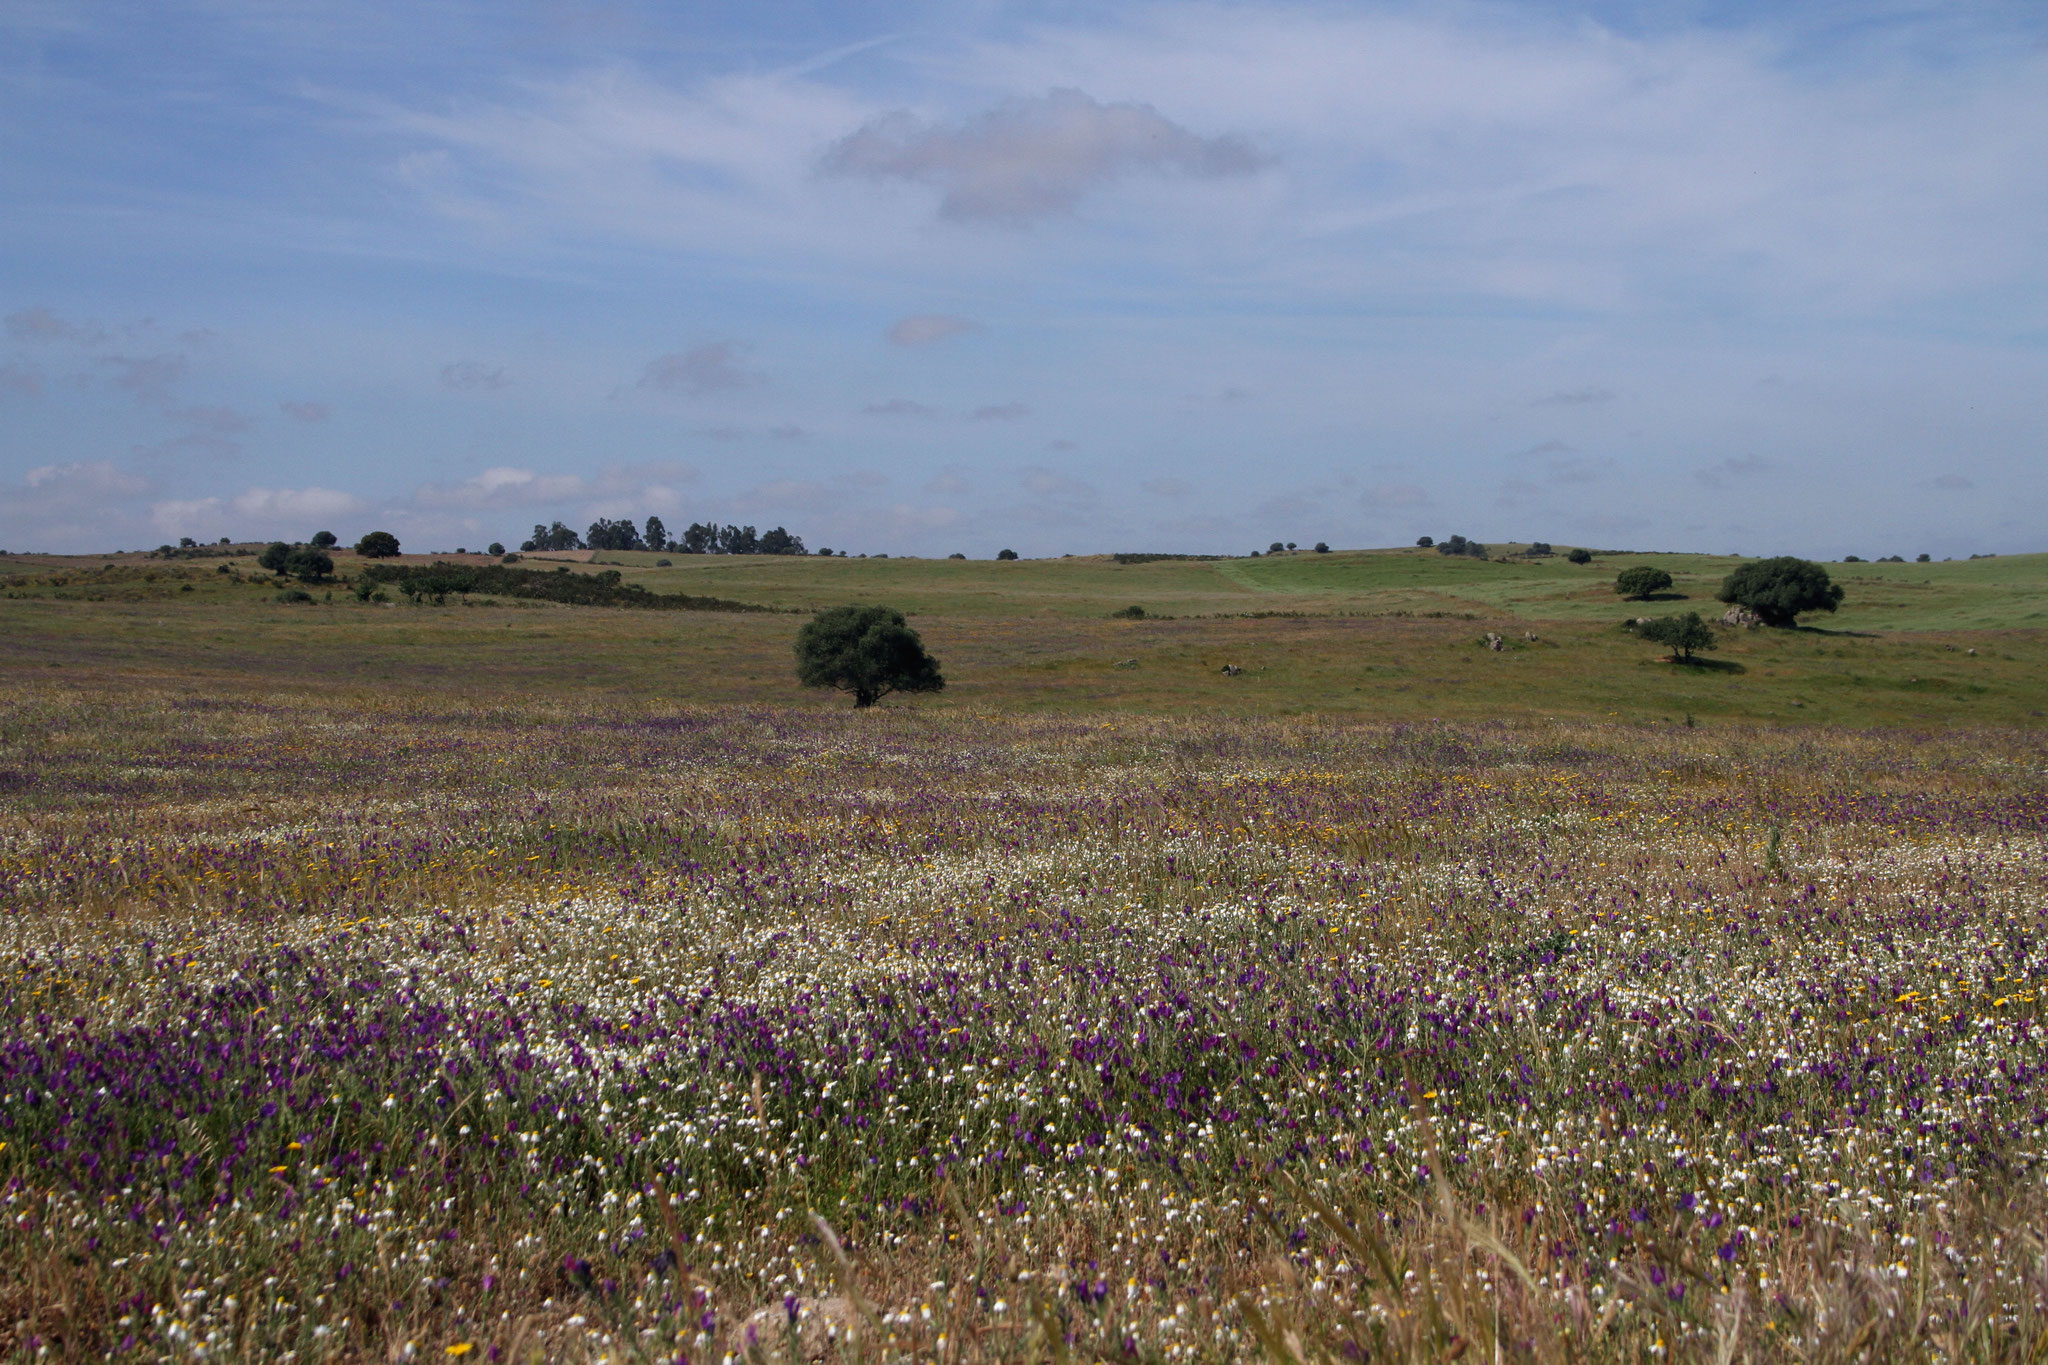 Es gibt aber auf dem riesigen Gelände sehr vielfältige naturnahe und nicht genutzte Flächen